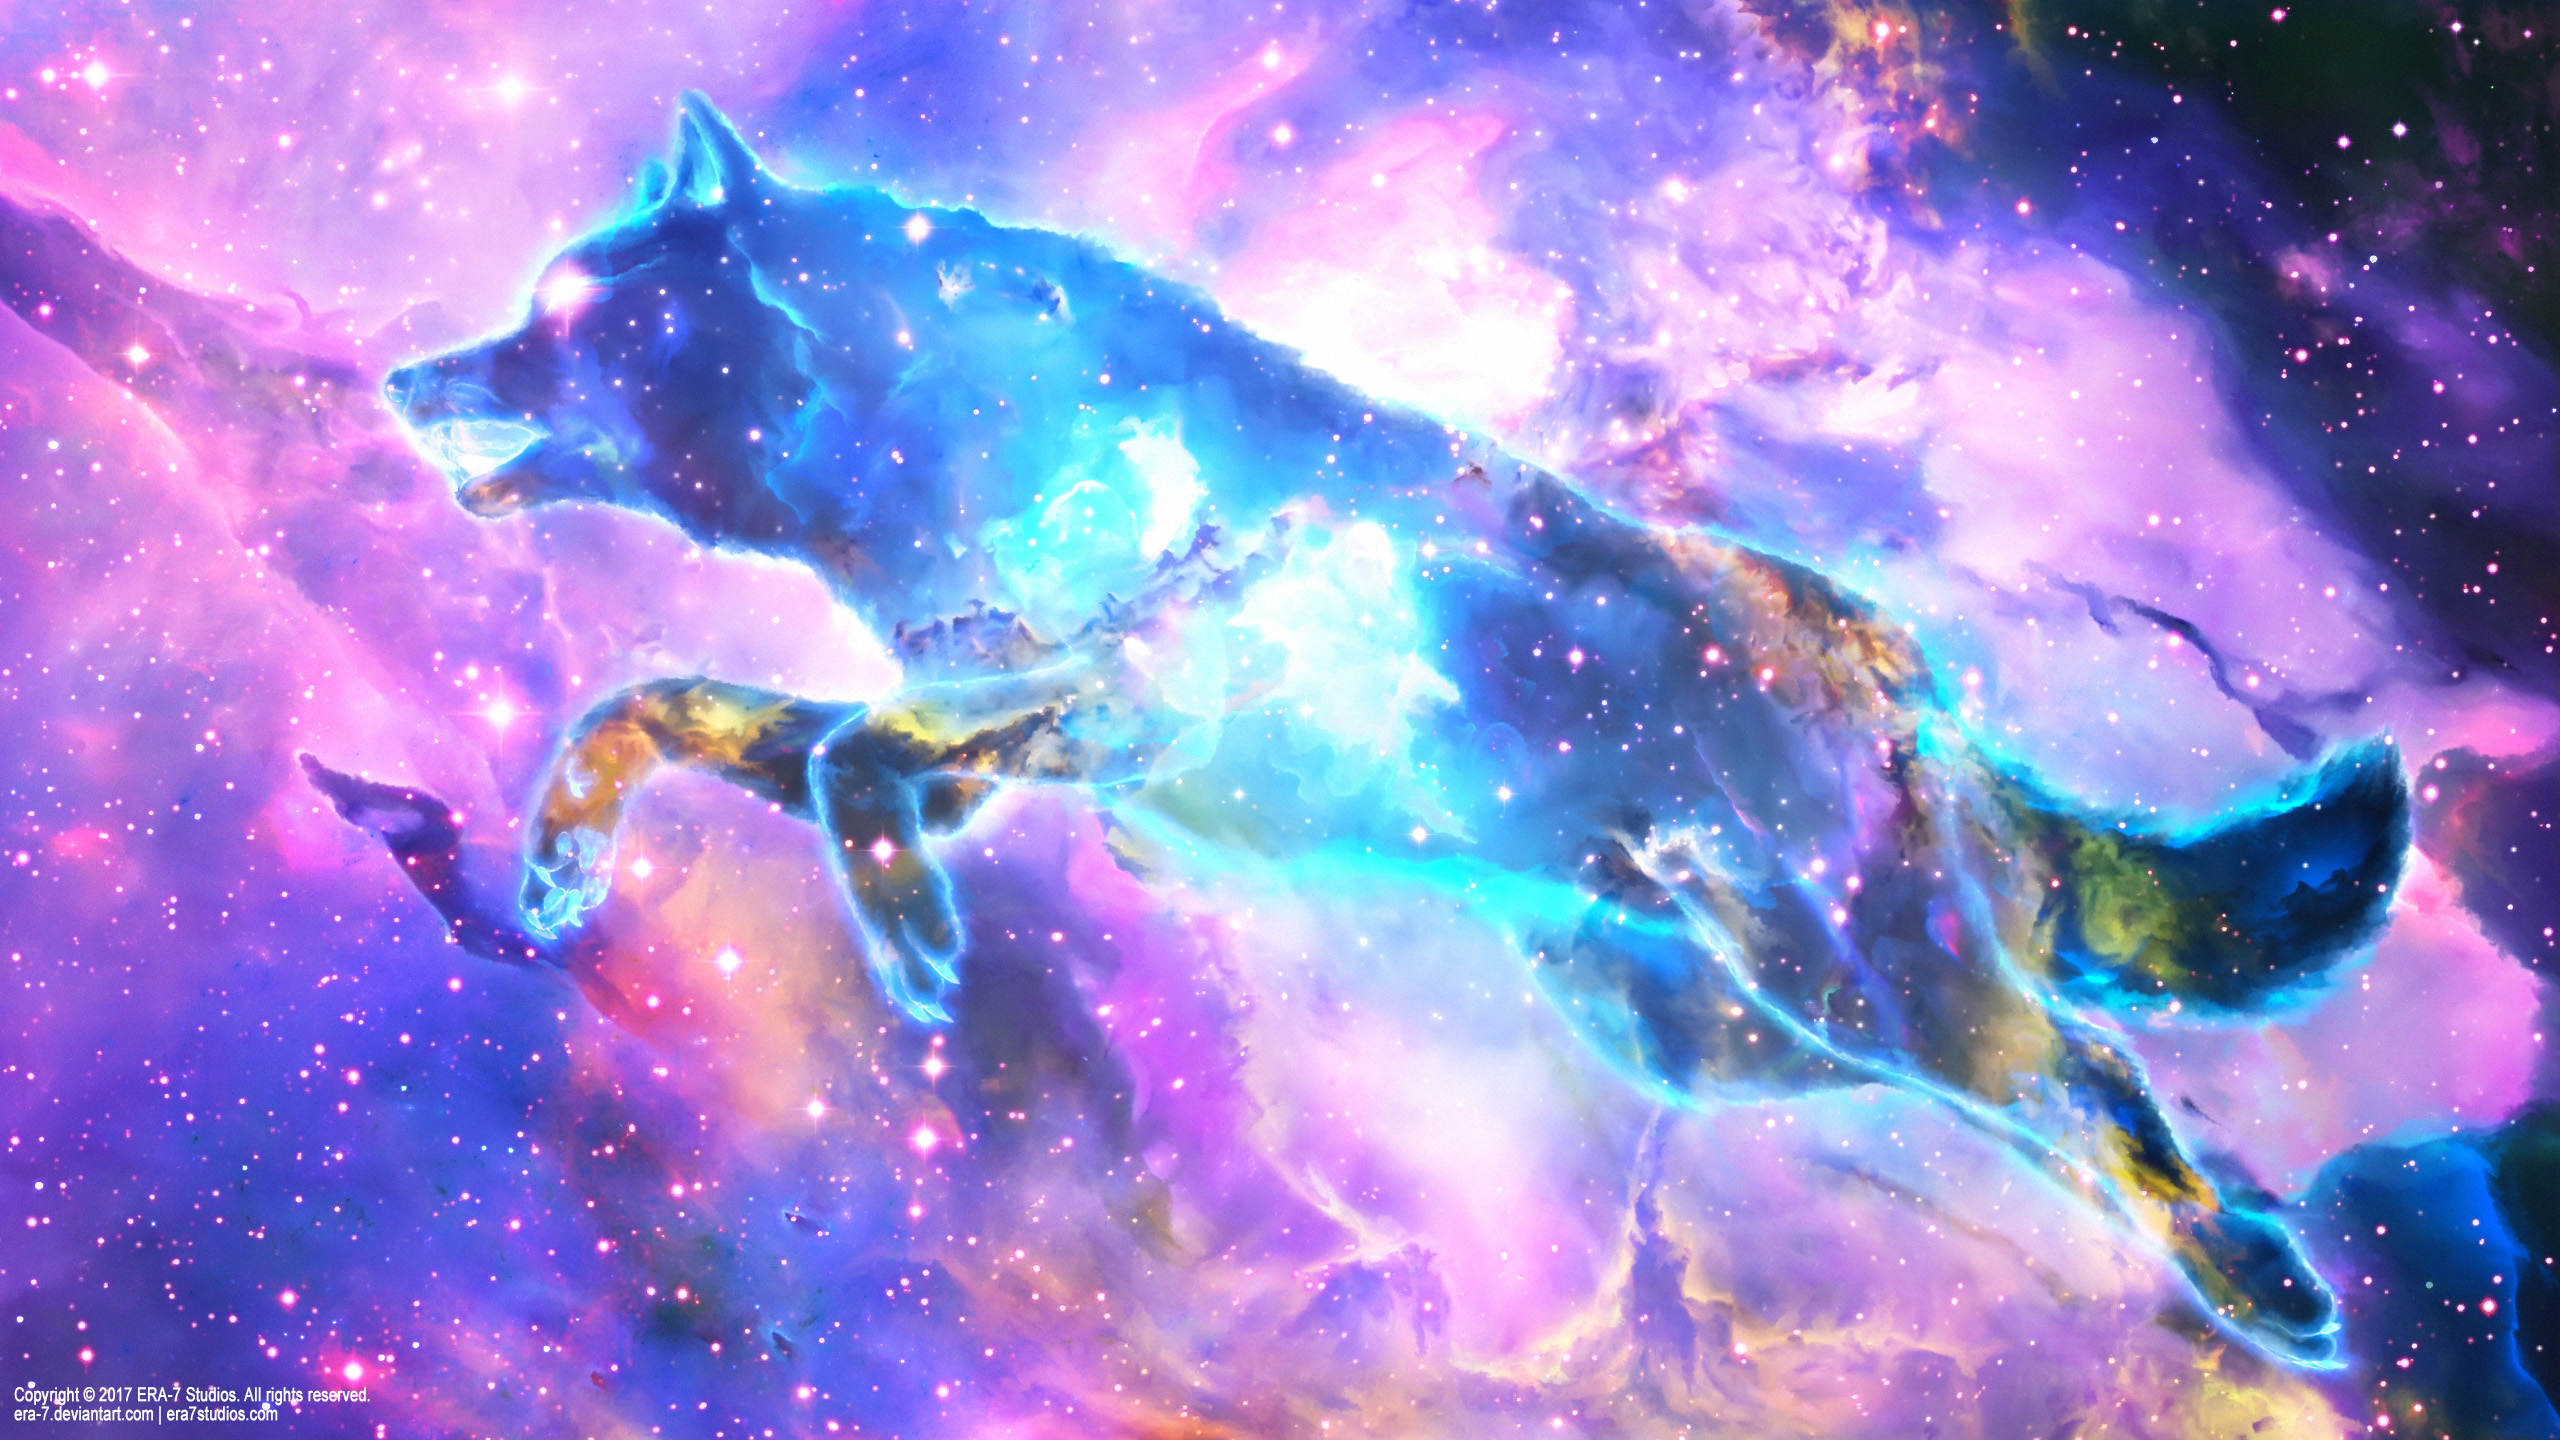 +WOLF SPIRIT+